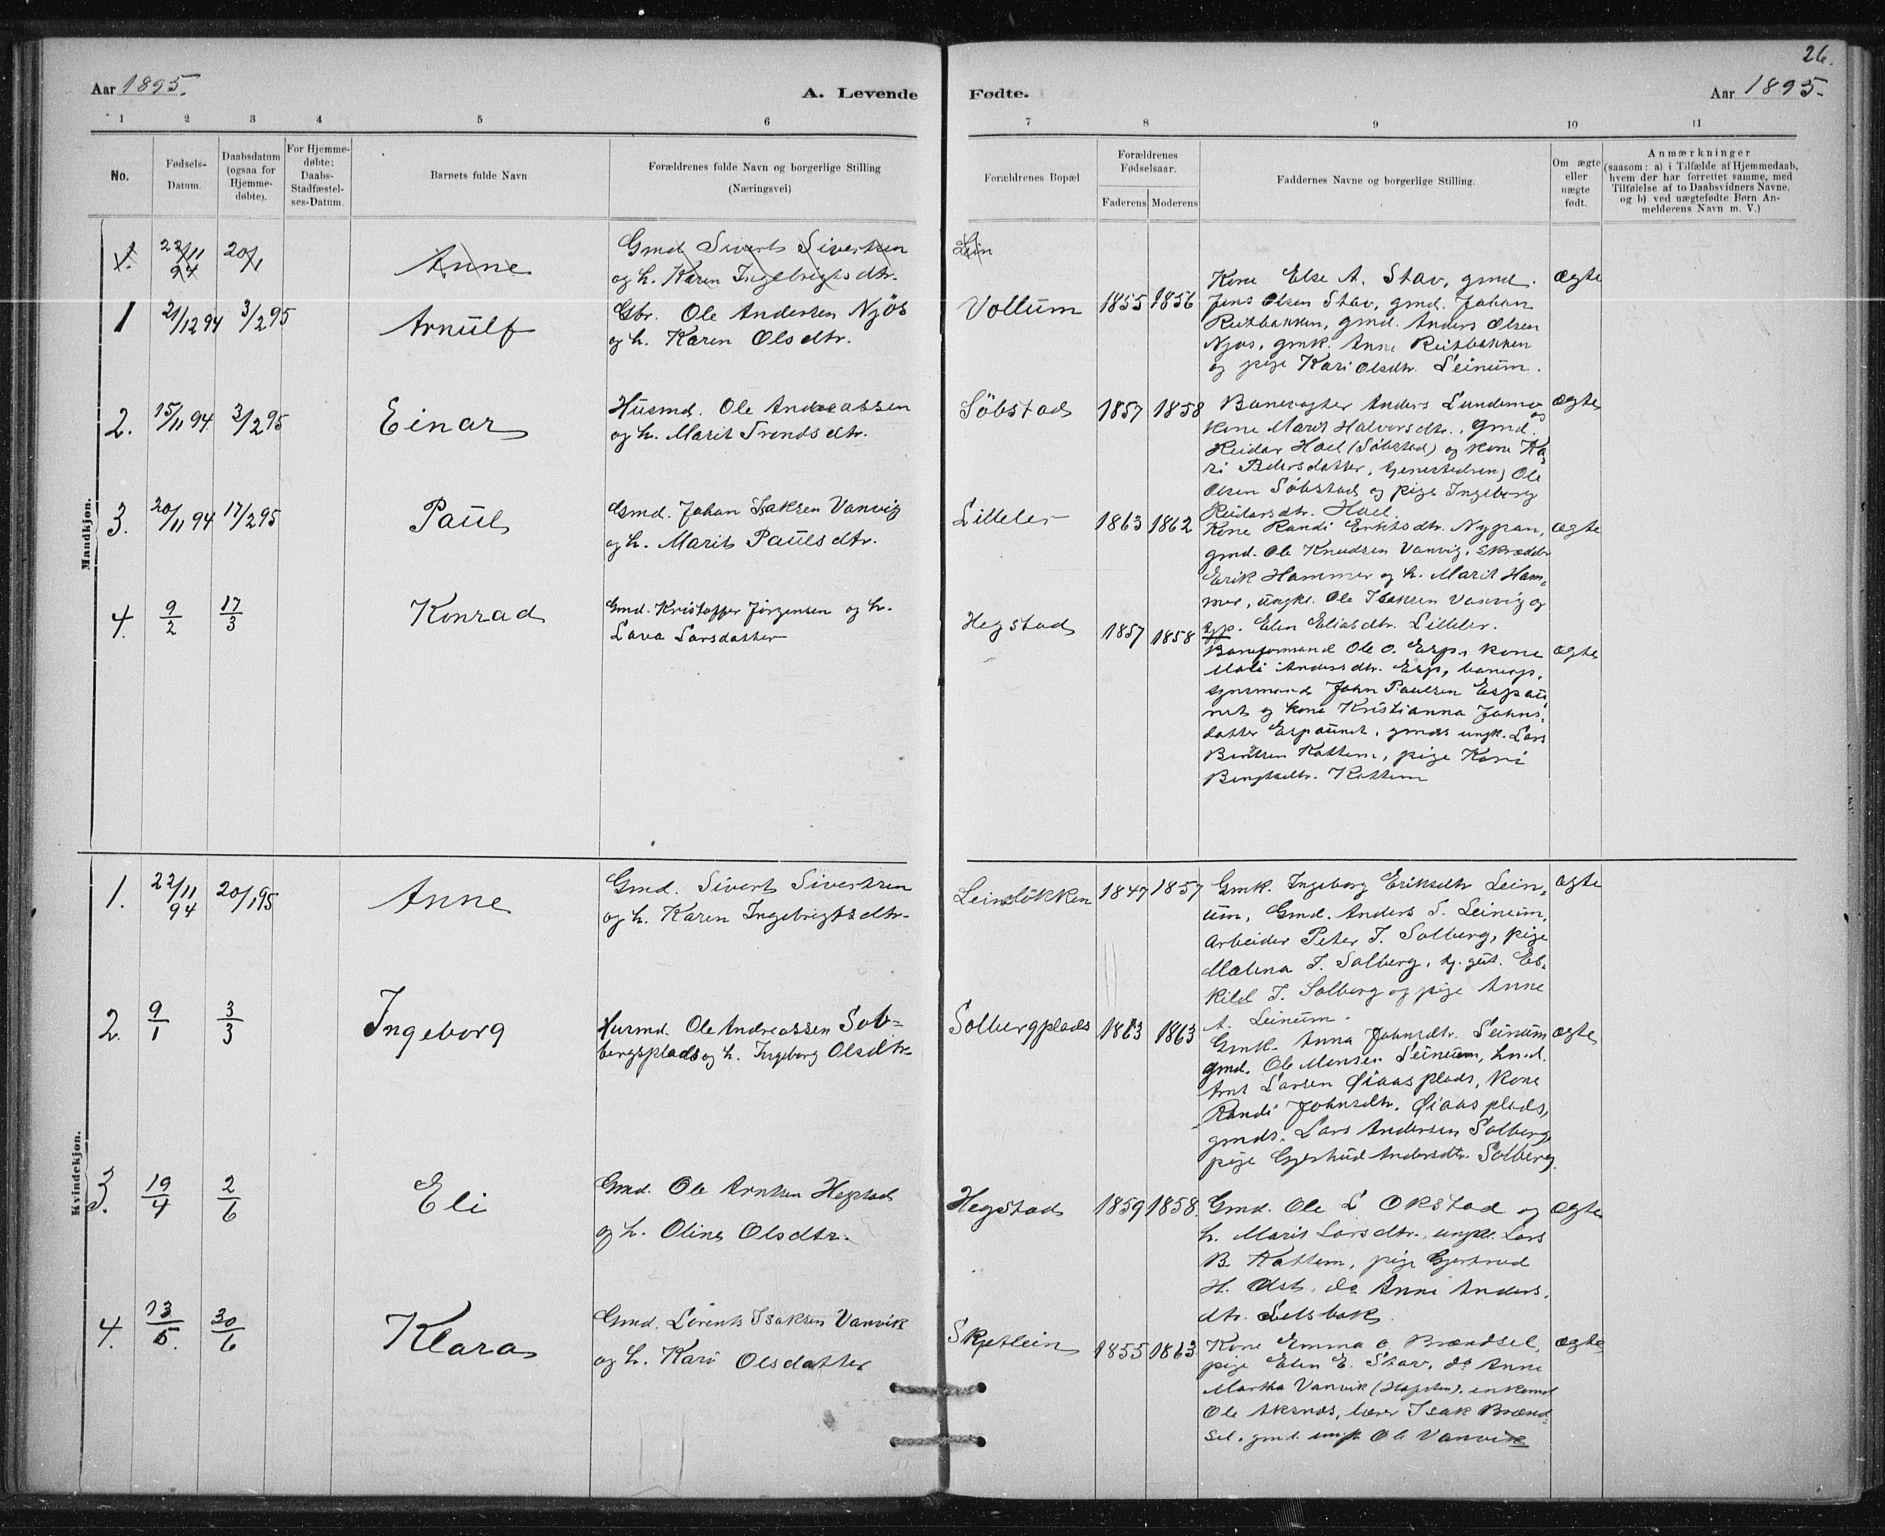 SAT, Ministerialprotokoller, klokkerbøker og fødselsregistre - Sør-Trøndelag, 613/L0392: Ministerialbok nr. 613A01, 1887-1906, s. 26